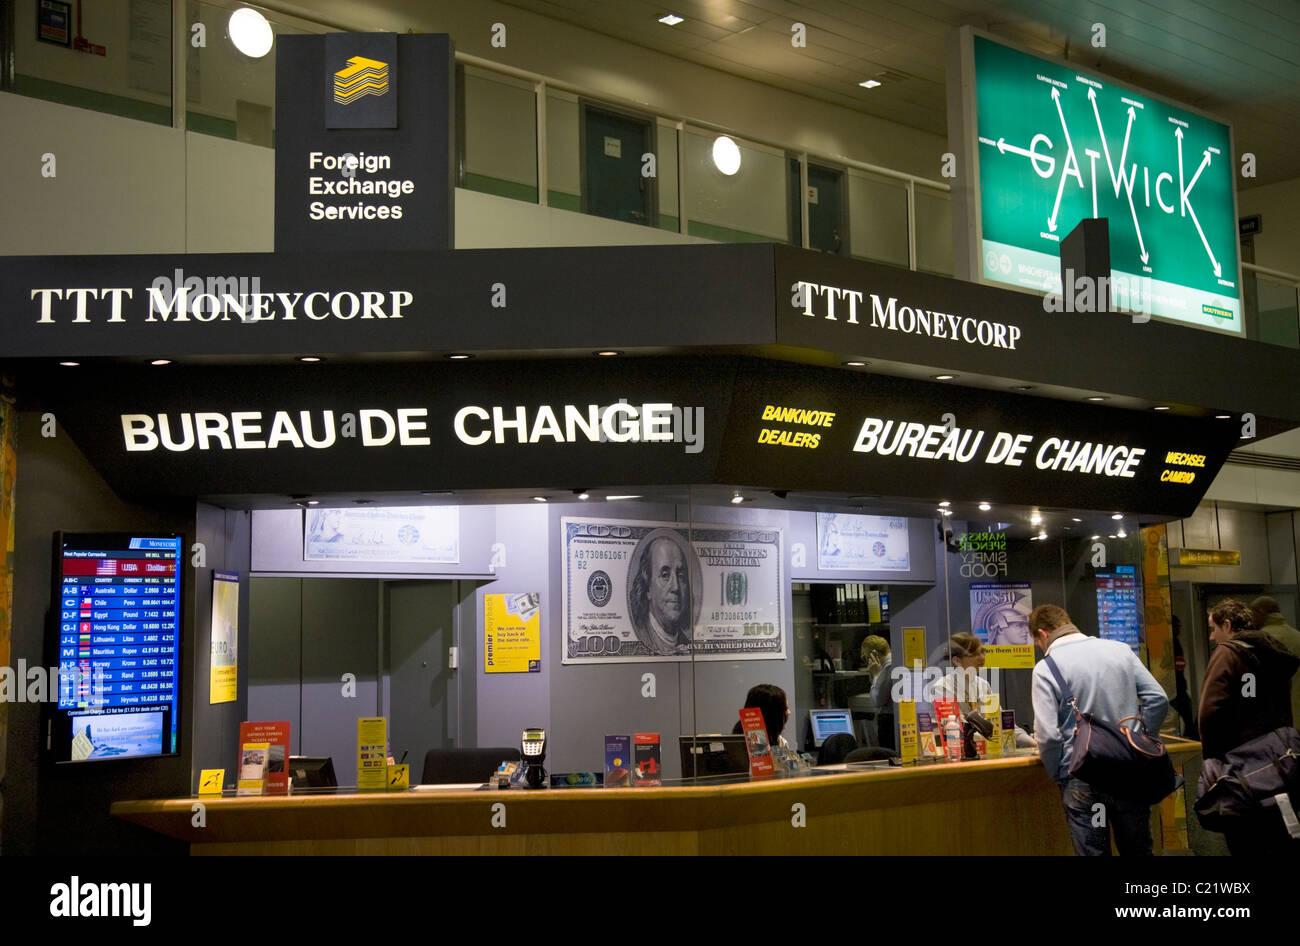 Ttt moneycorp bureau de change office flughafen gatwick south